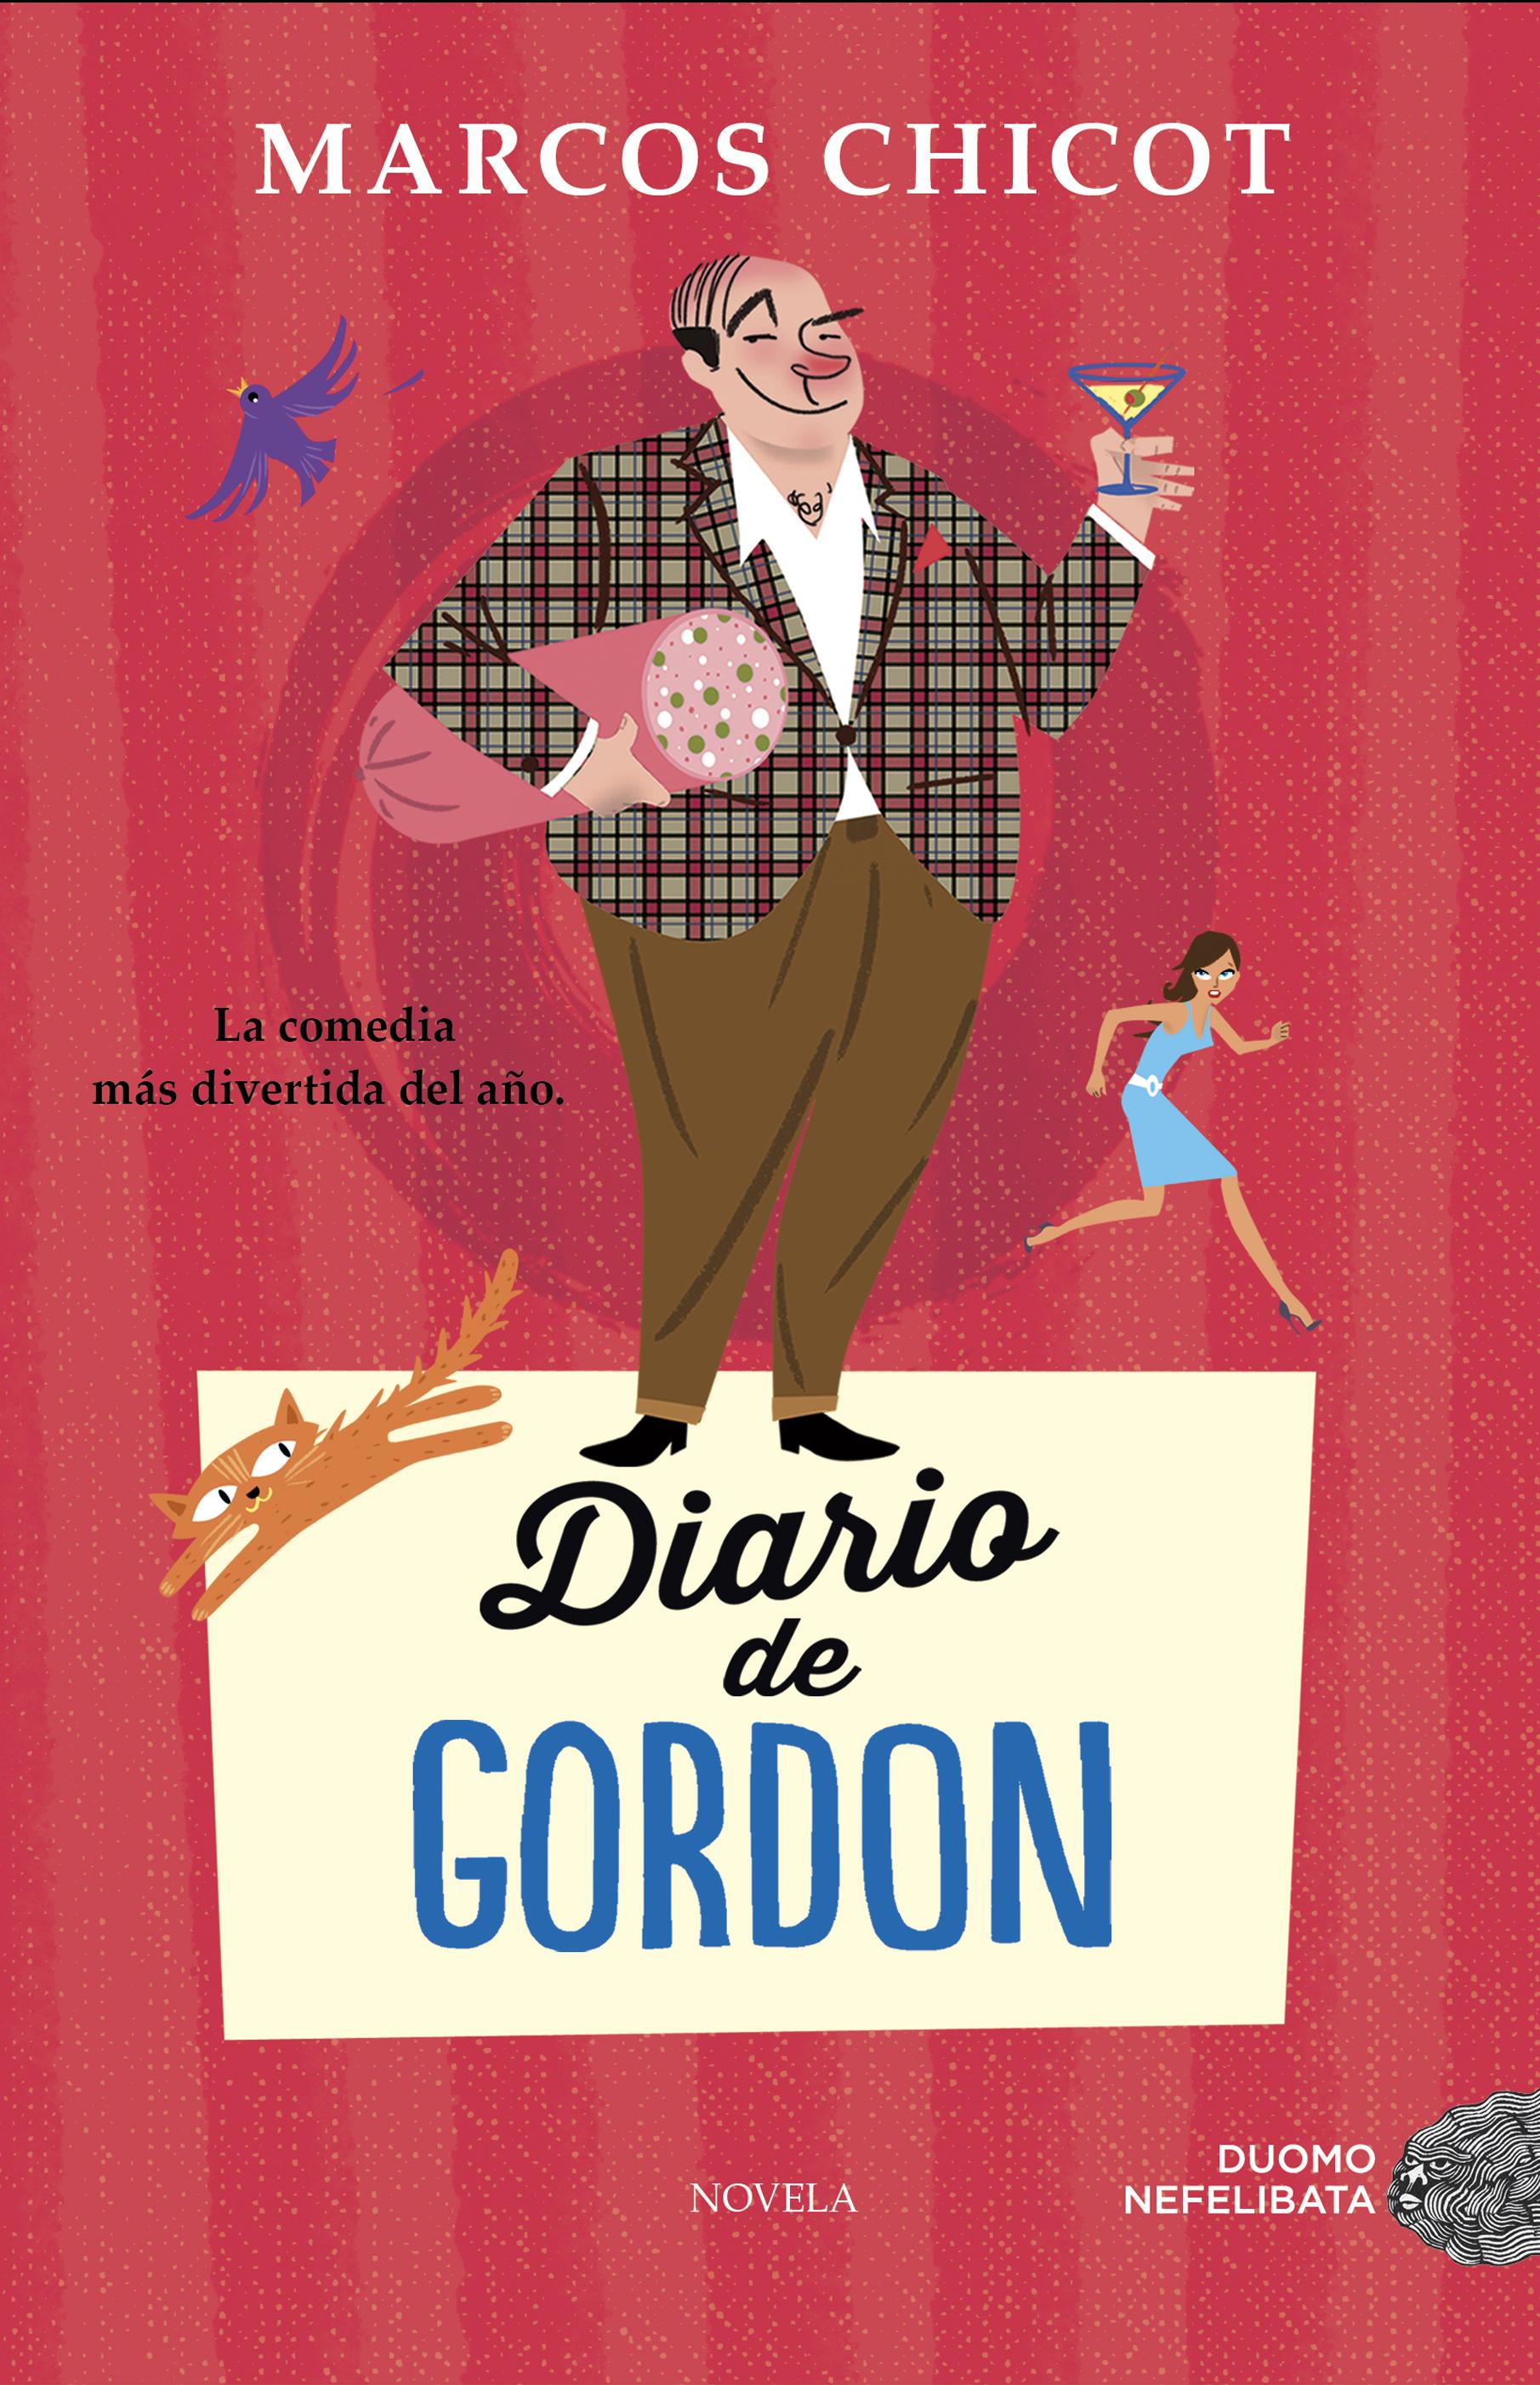 Diario de Gordon - Marcos Chicot Portada